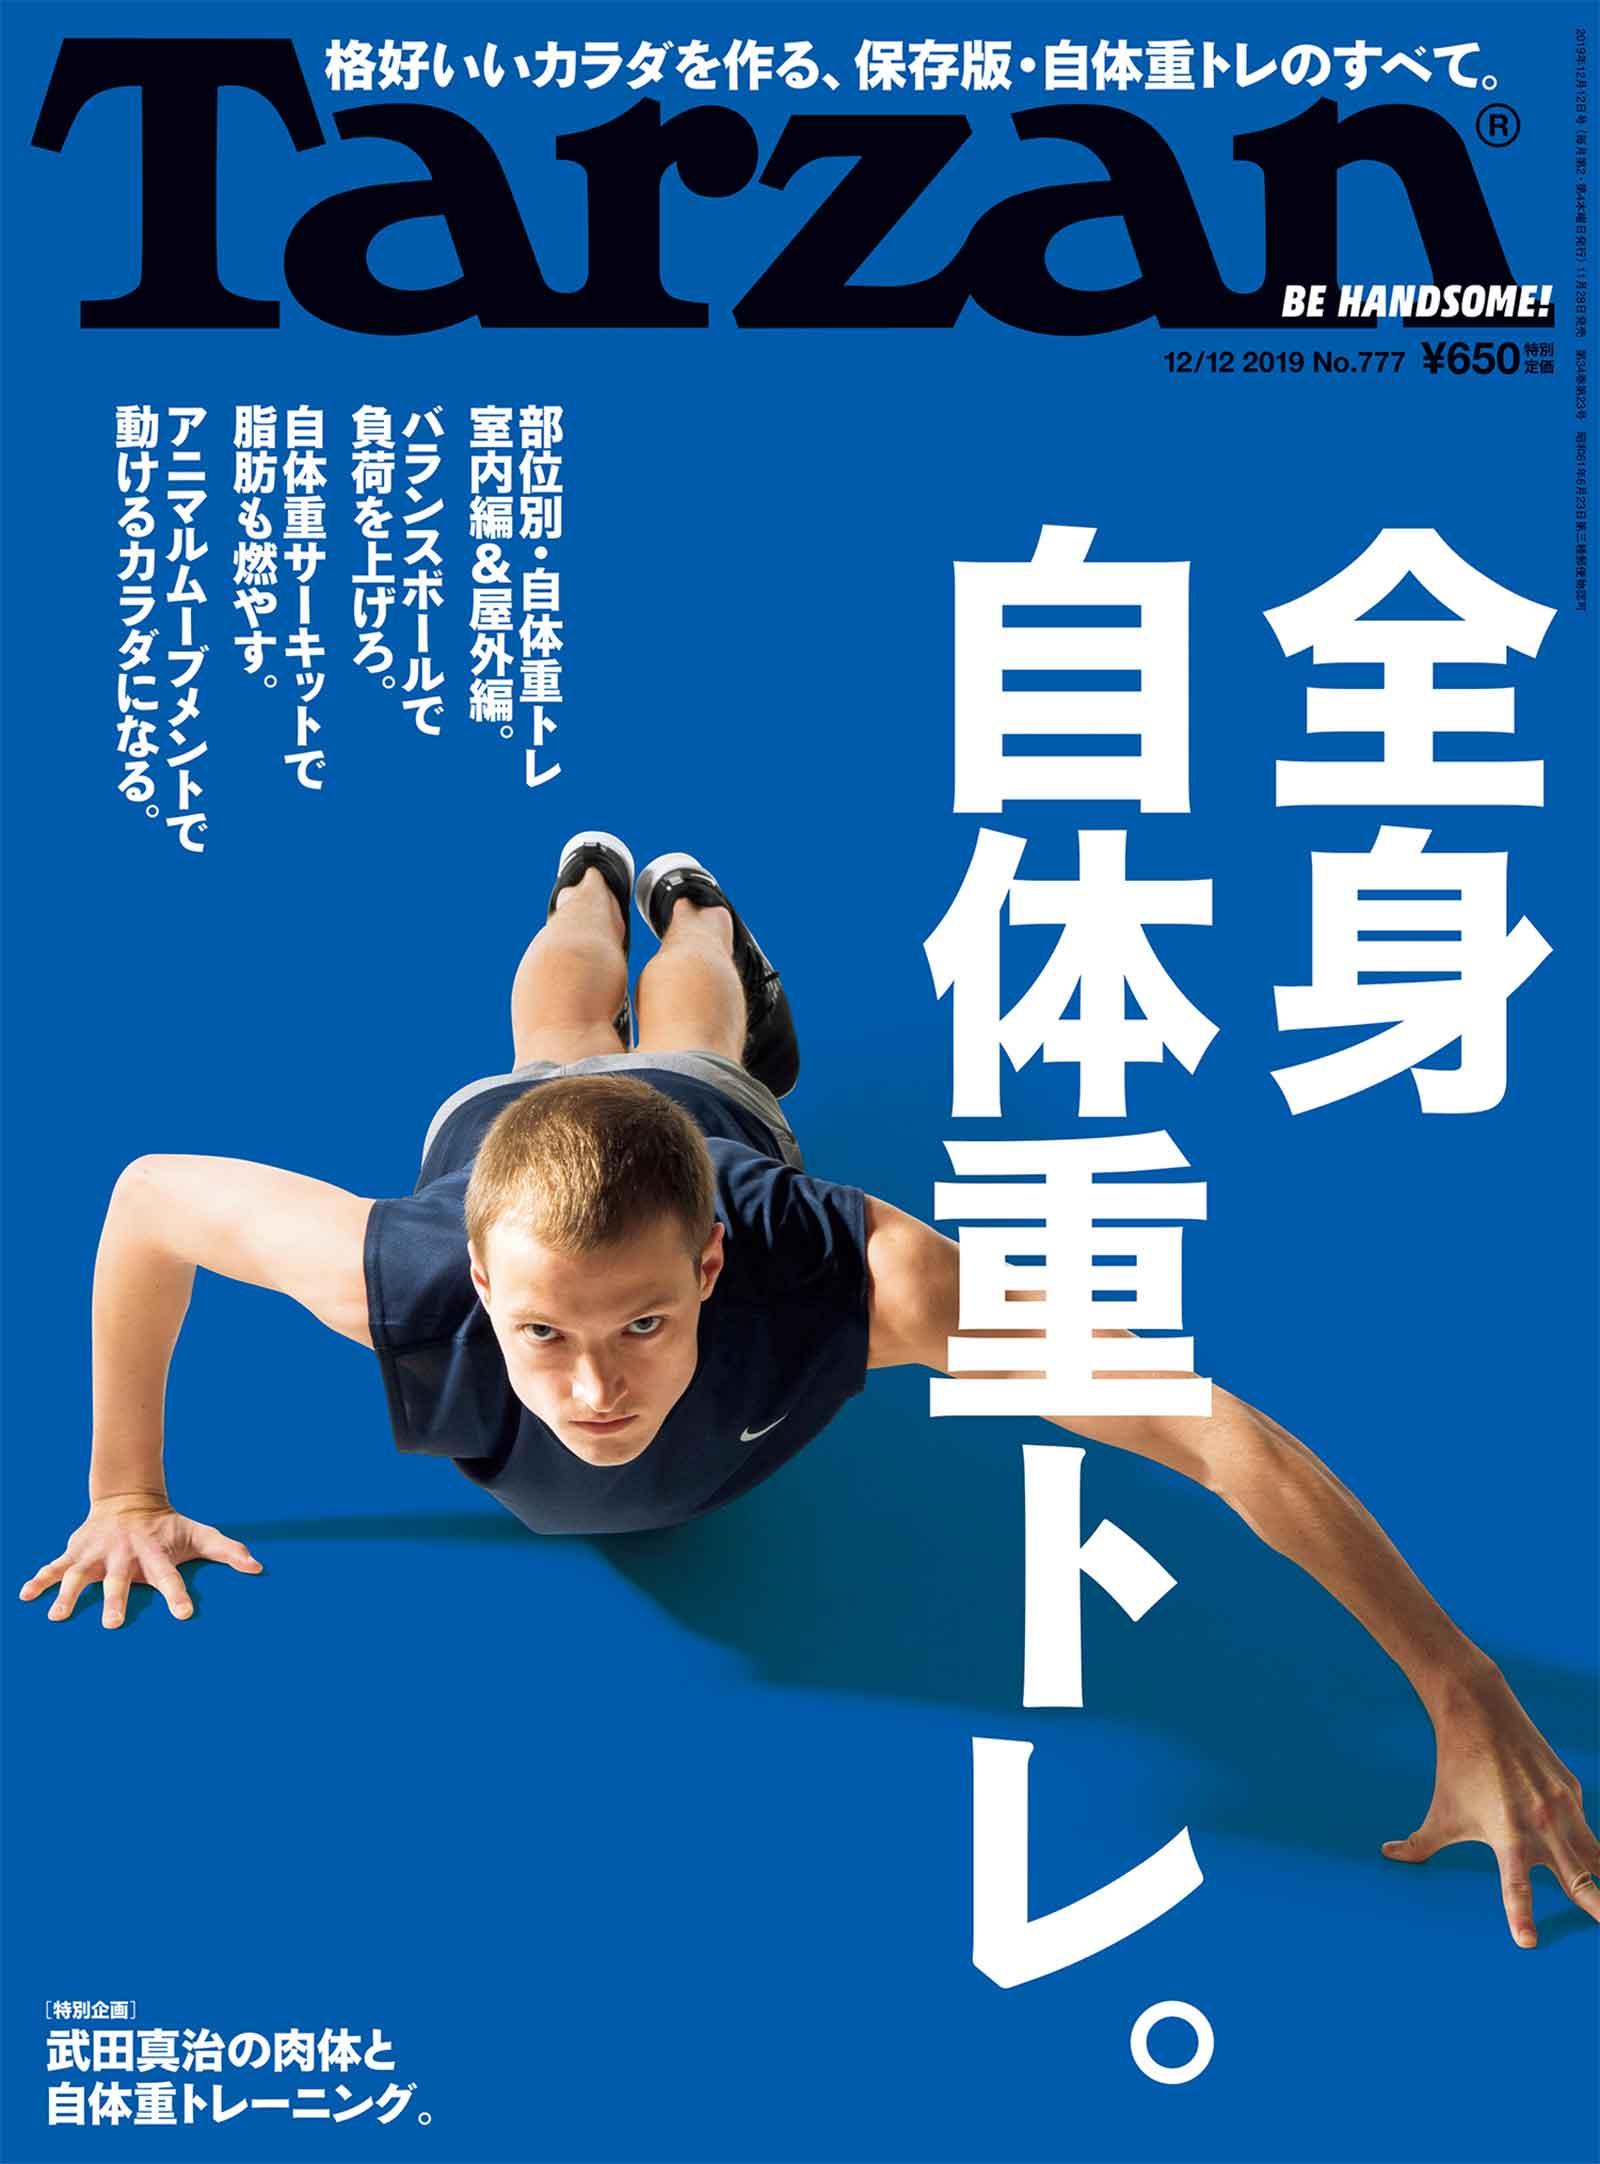 『ターザン』777号「全身自体重トレ」特集の表紙